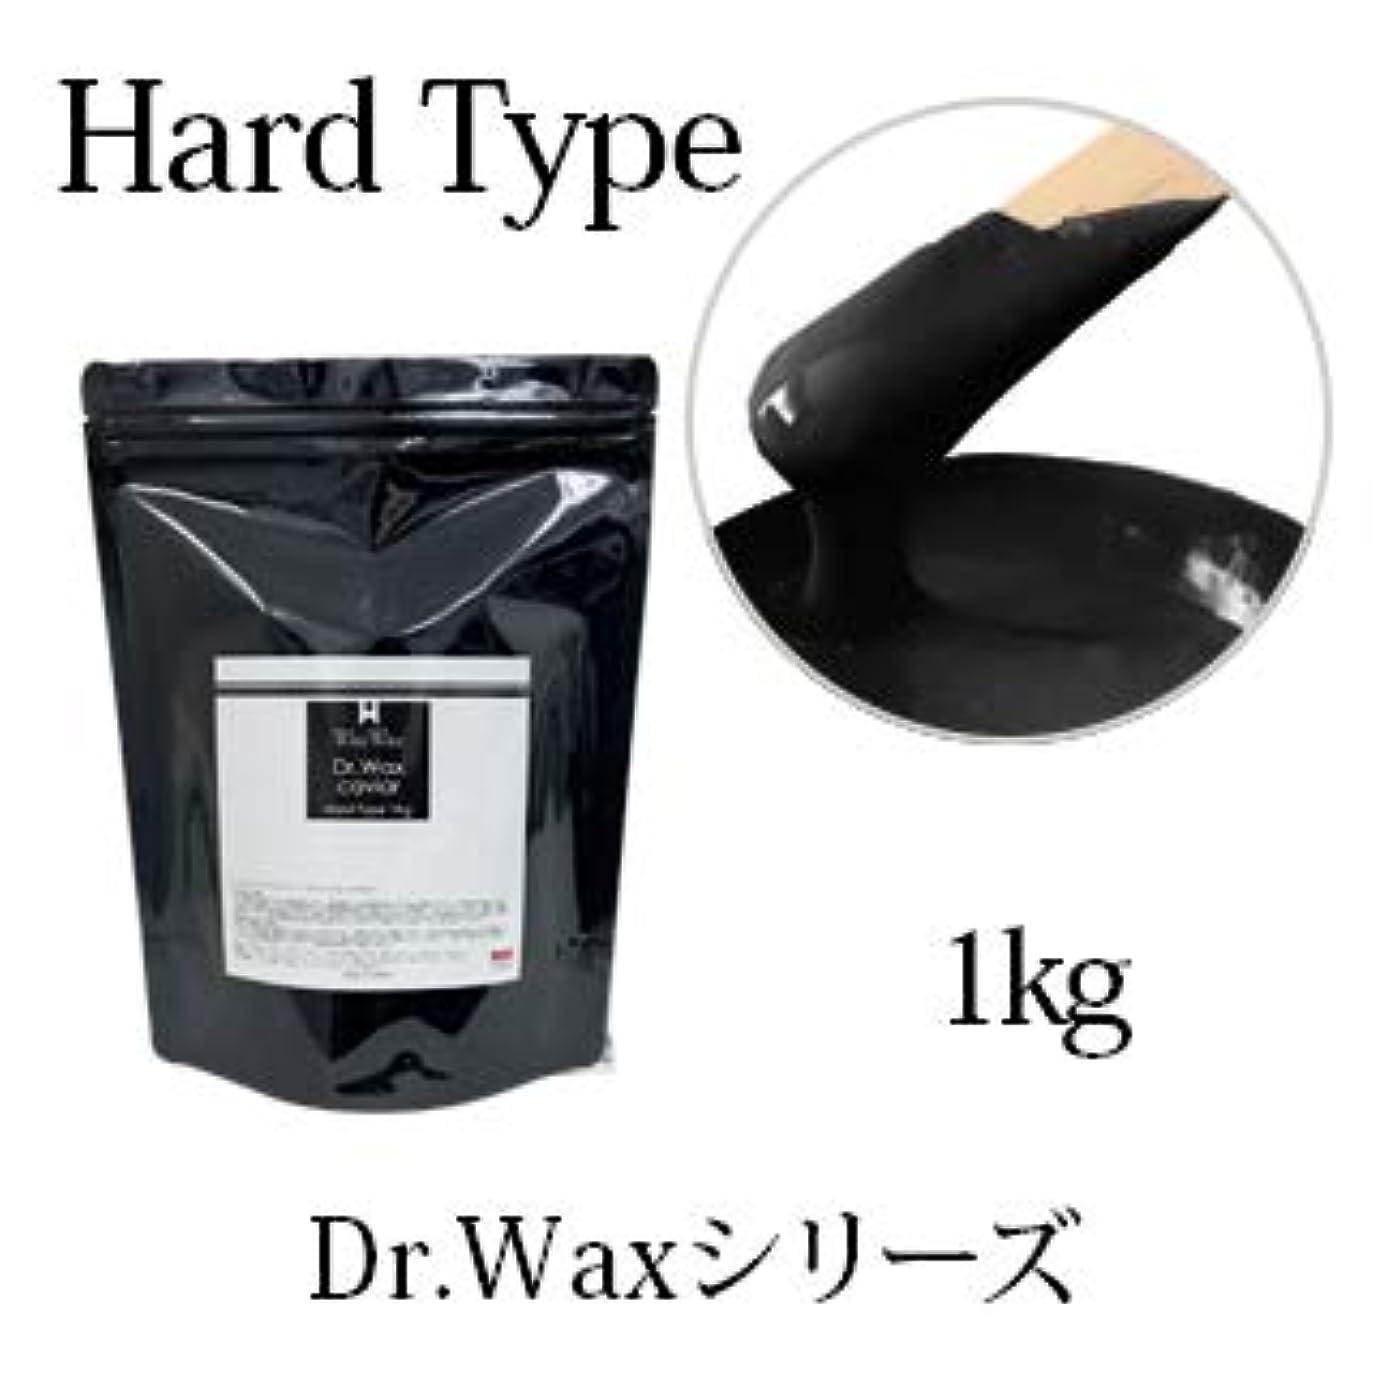 適応シソーラススチール【Dr.waxシリーズ】ワックス脱毛 粒タイプ 紙を使用しない ハードワックス (キャビア 1kg)